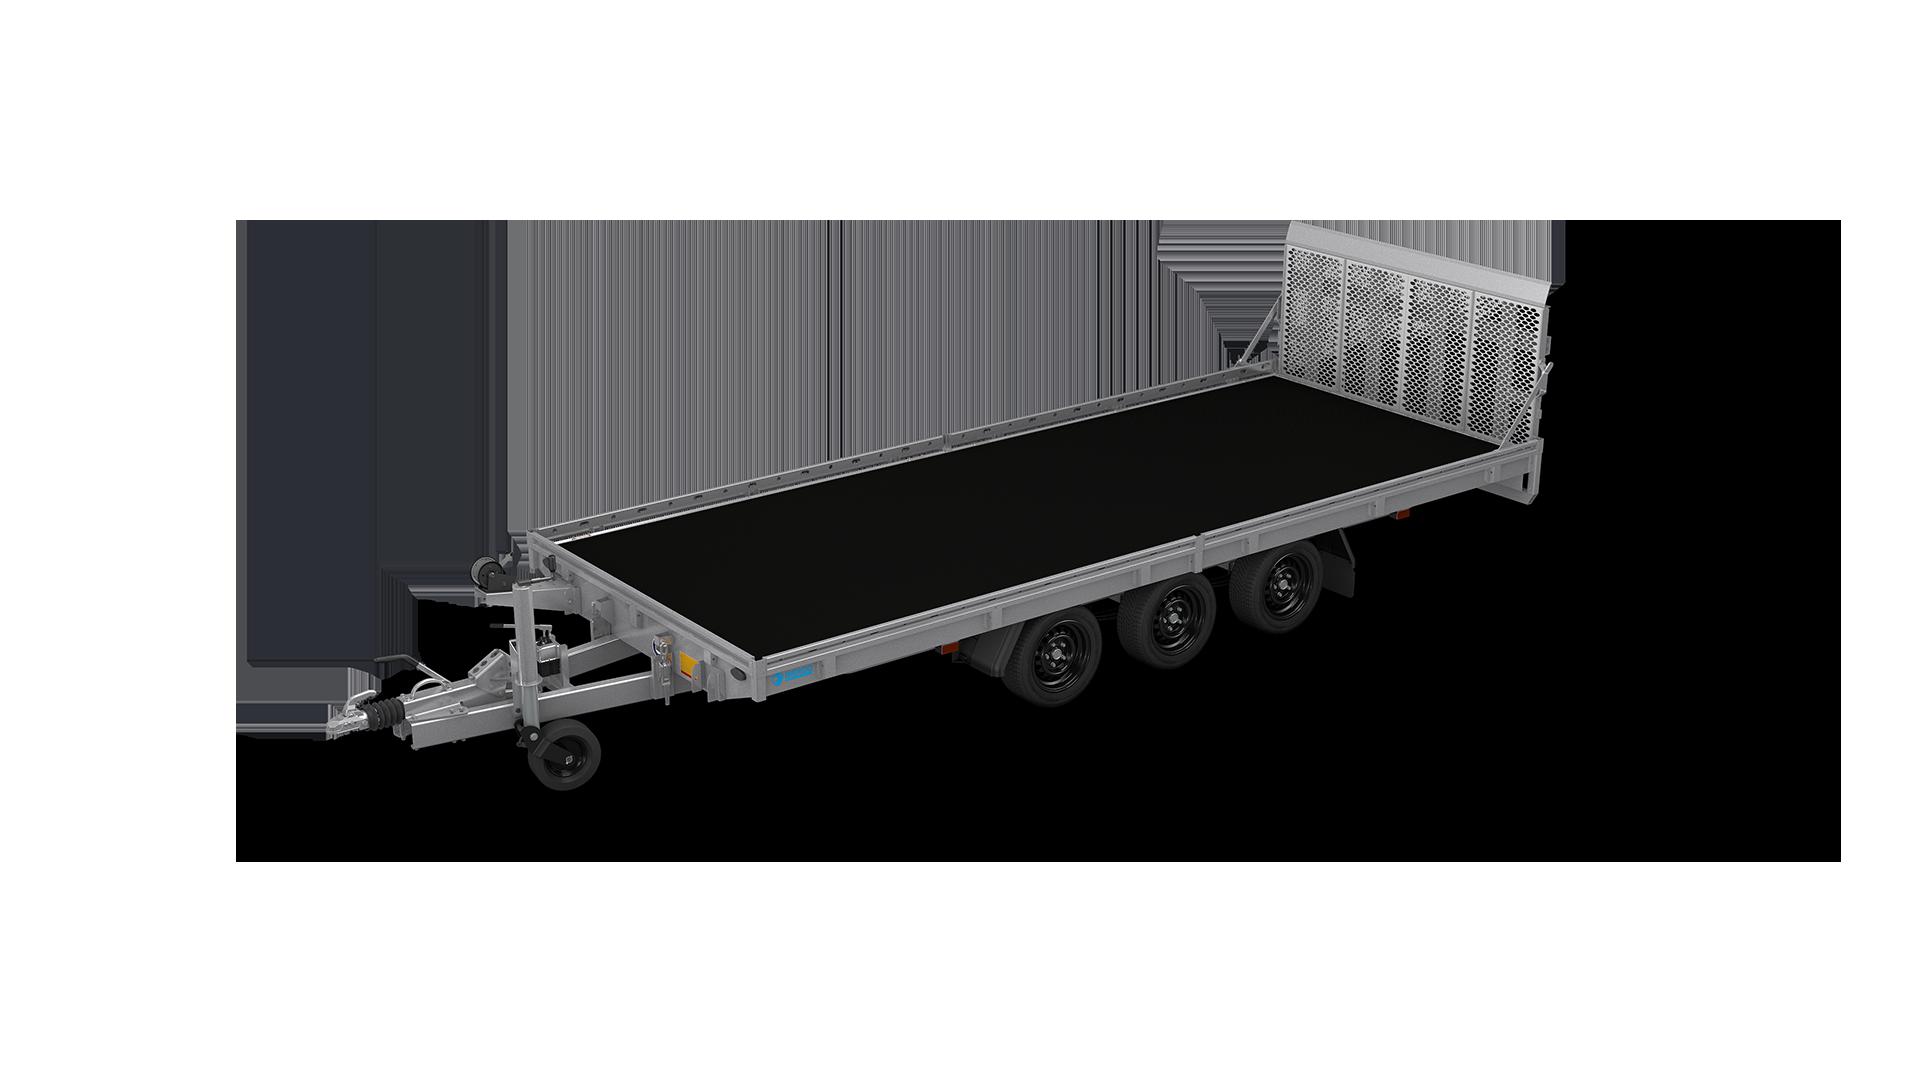 HAPERT Transportanhänger INDIGO HT-3 hydraulisch kippbarer Maschinentransporter